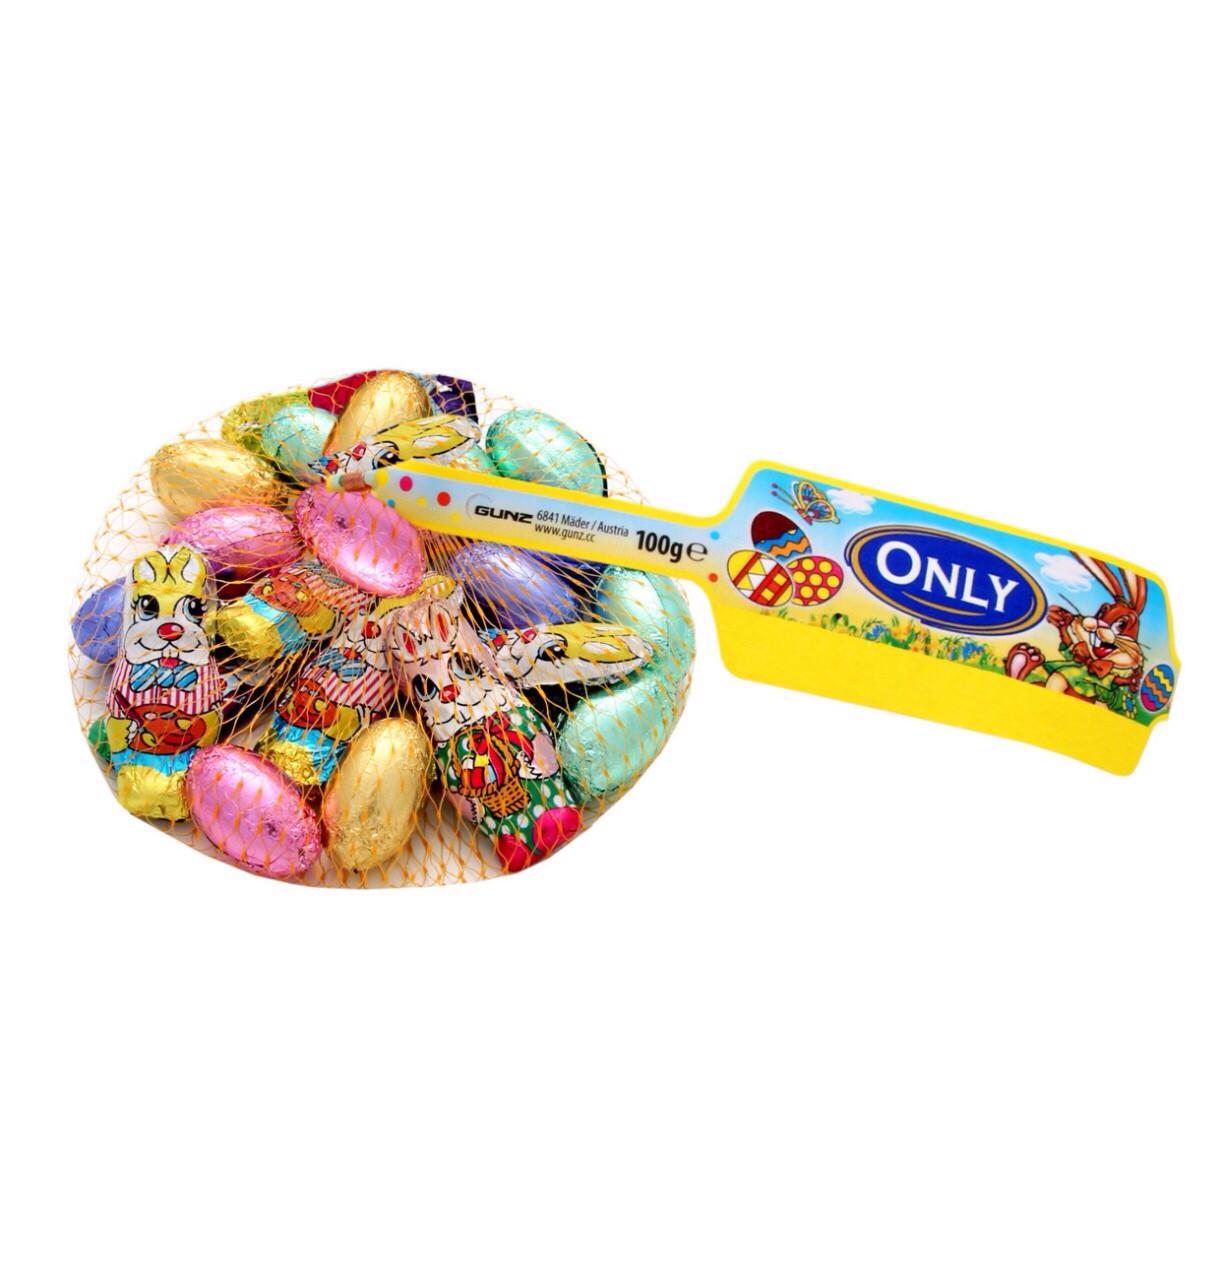 Шоколадные Зайчики и цветные яйца (молочный шоколад) Onliy Австрия 100г